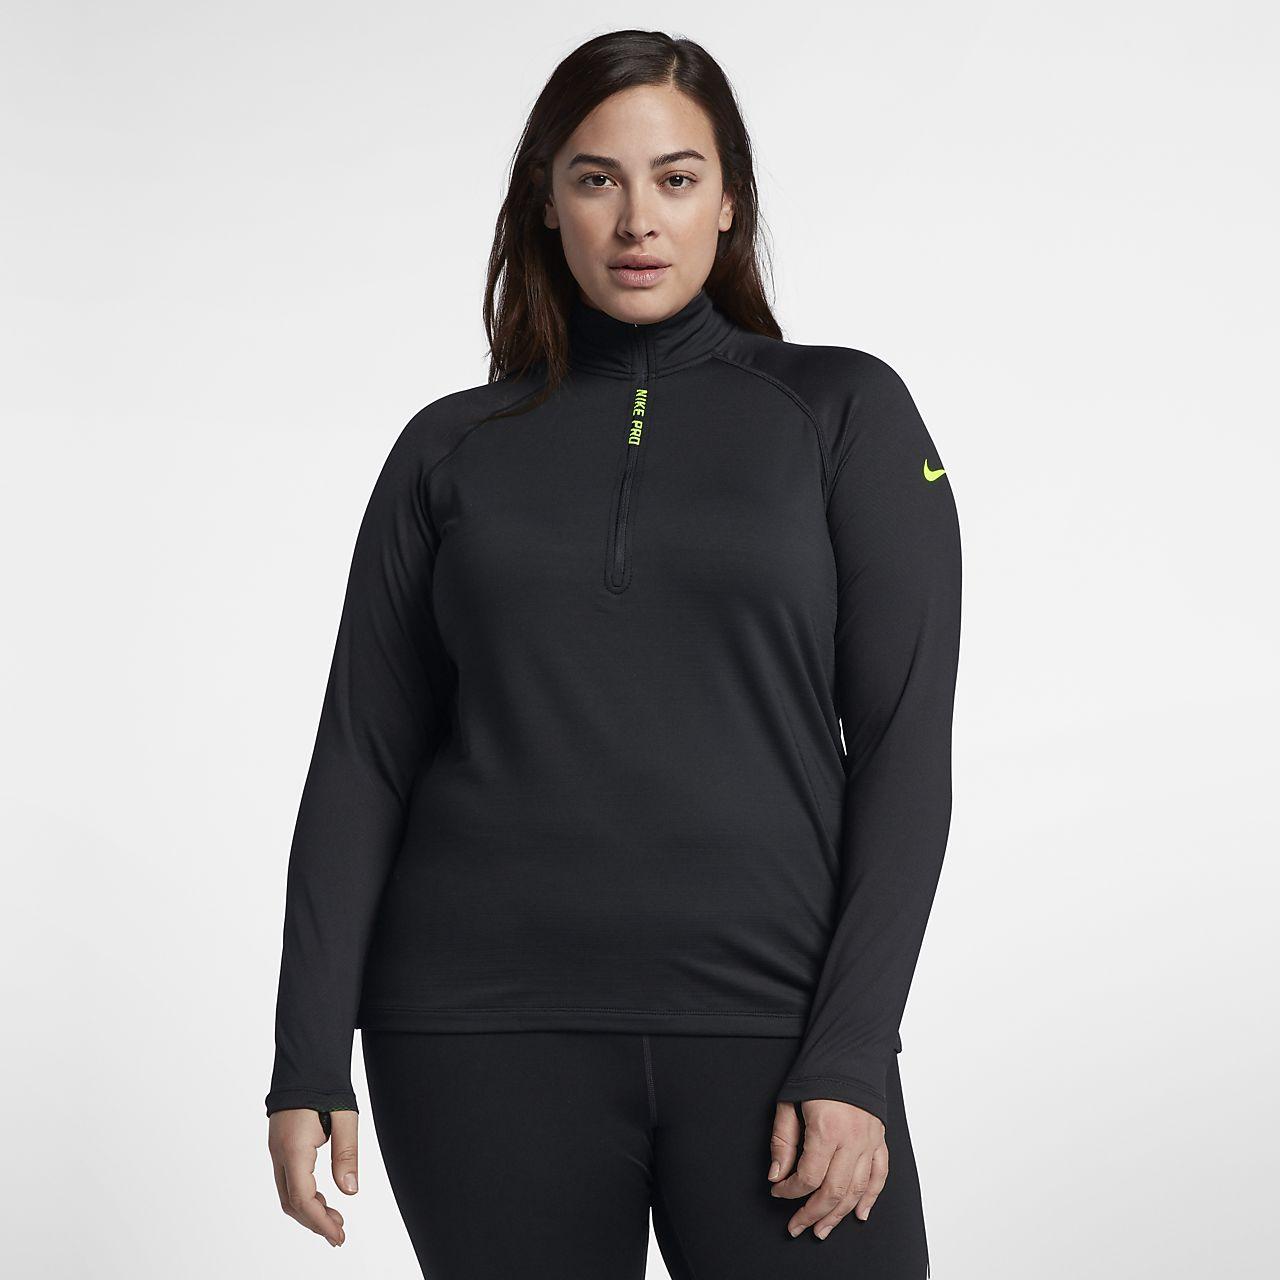 Haut de training à manches longues Nike Pro HyperWarm pour Femme (grande  taille) ada35e556f9e